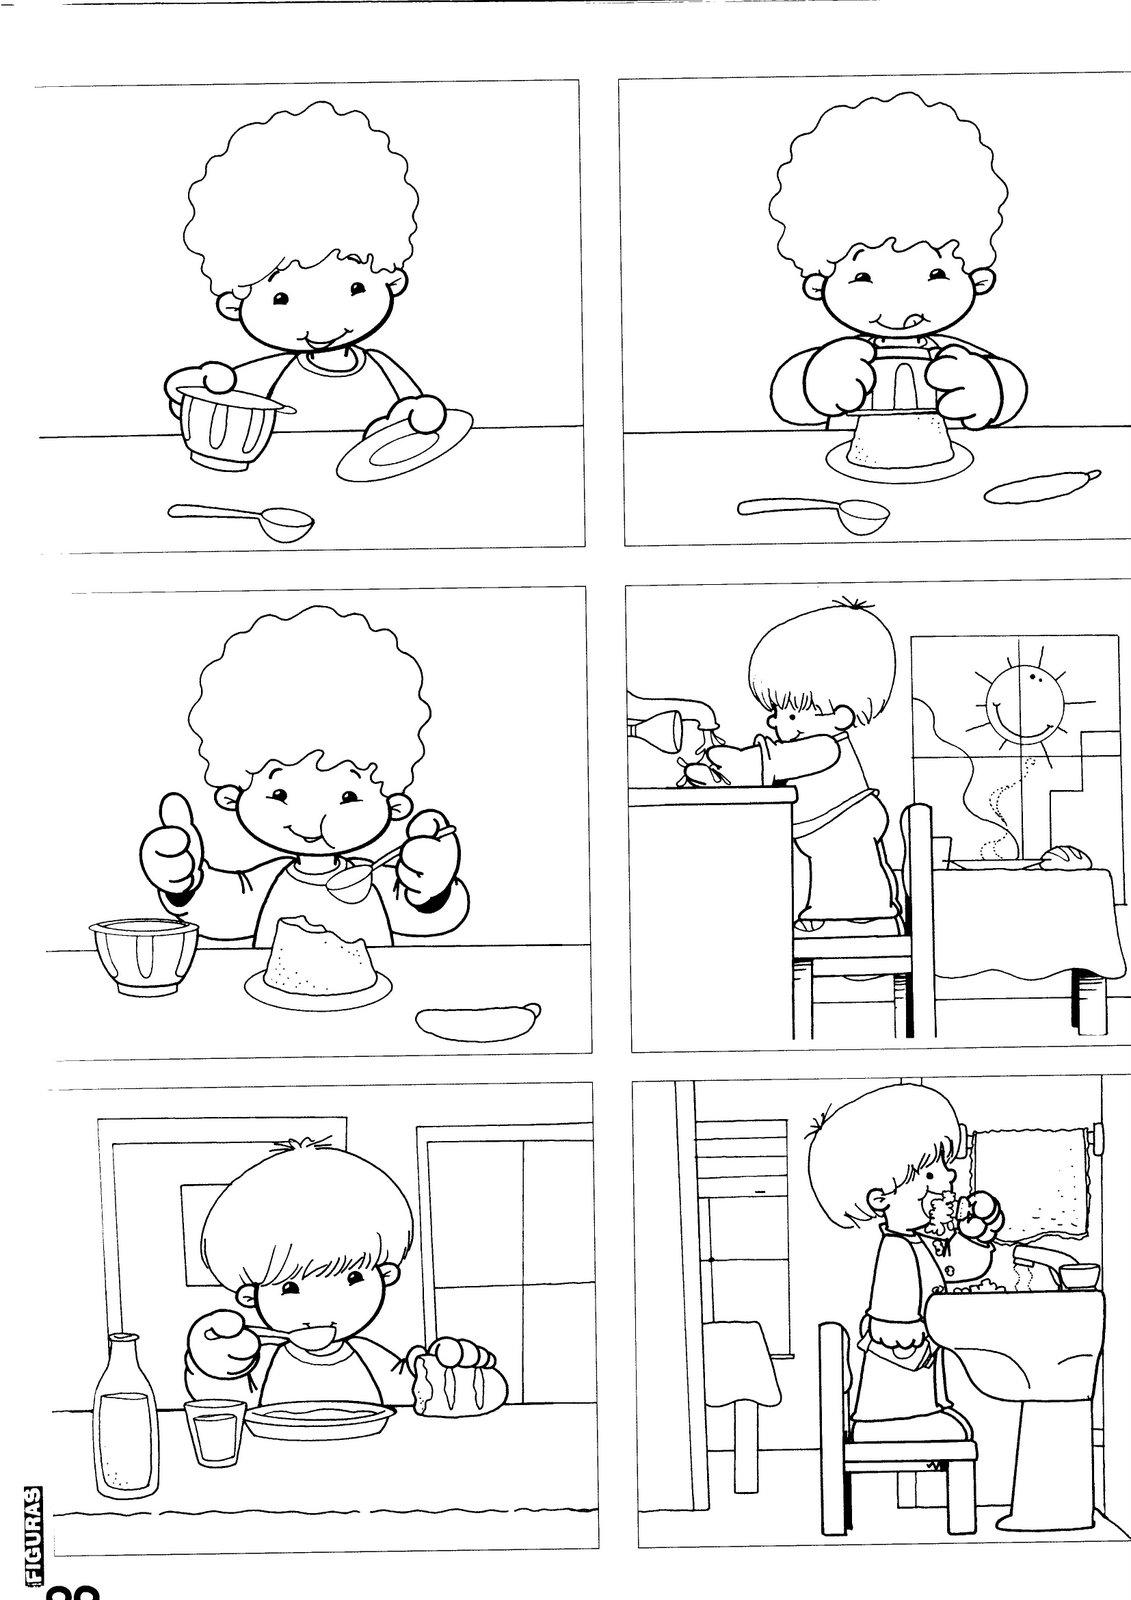 Increíble Dientes Para Colorear Imprimibles Imagen - Enmarcado Para ...